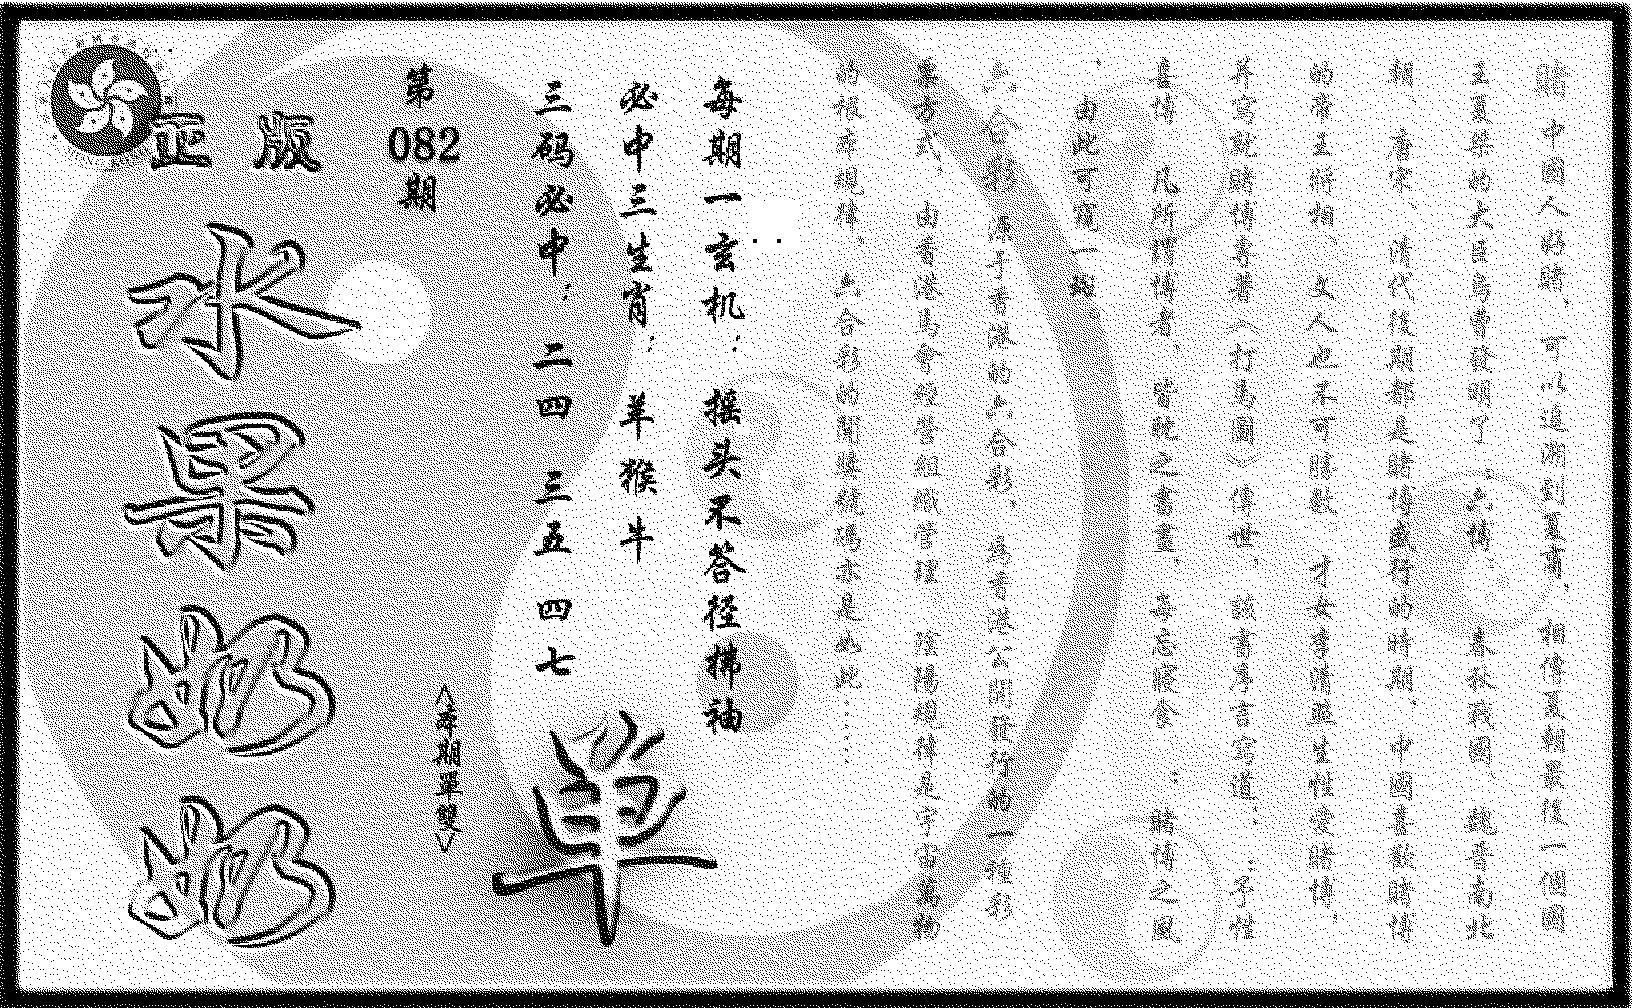 082期(九龙单双攻略)正版(黑白)